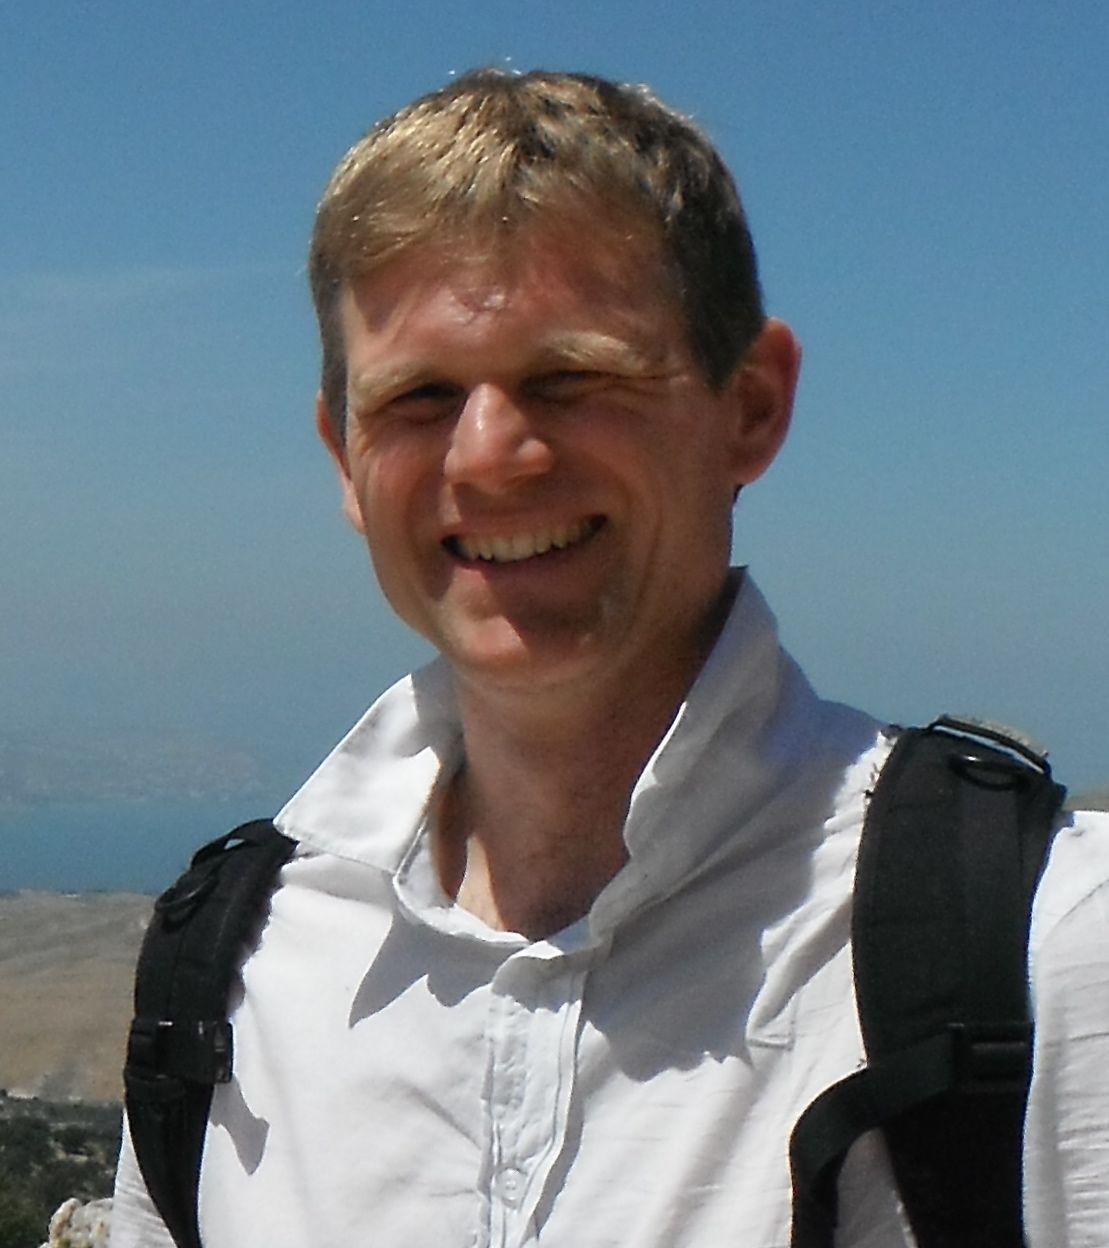 Andrew Marsham